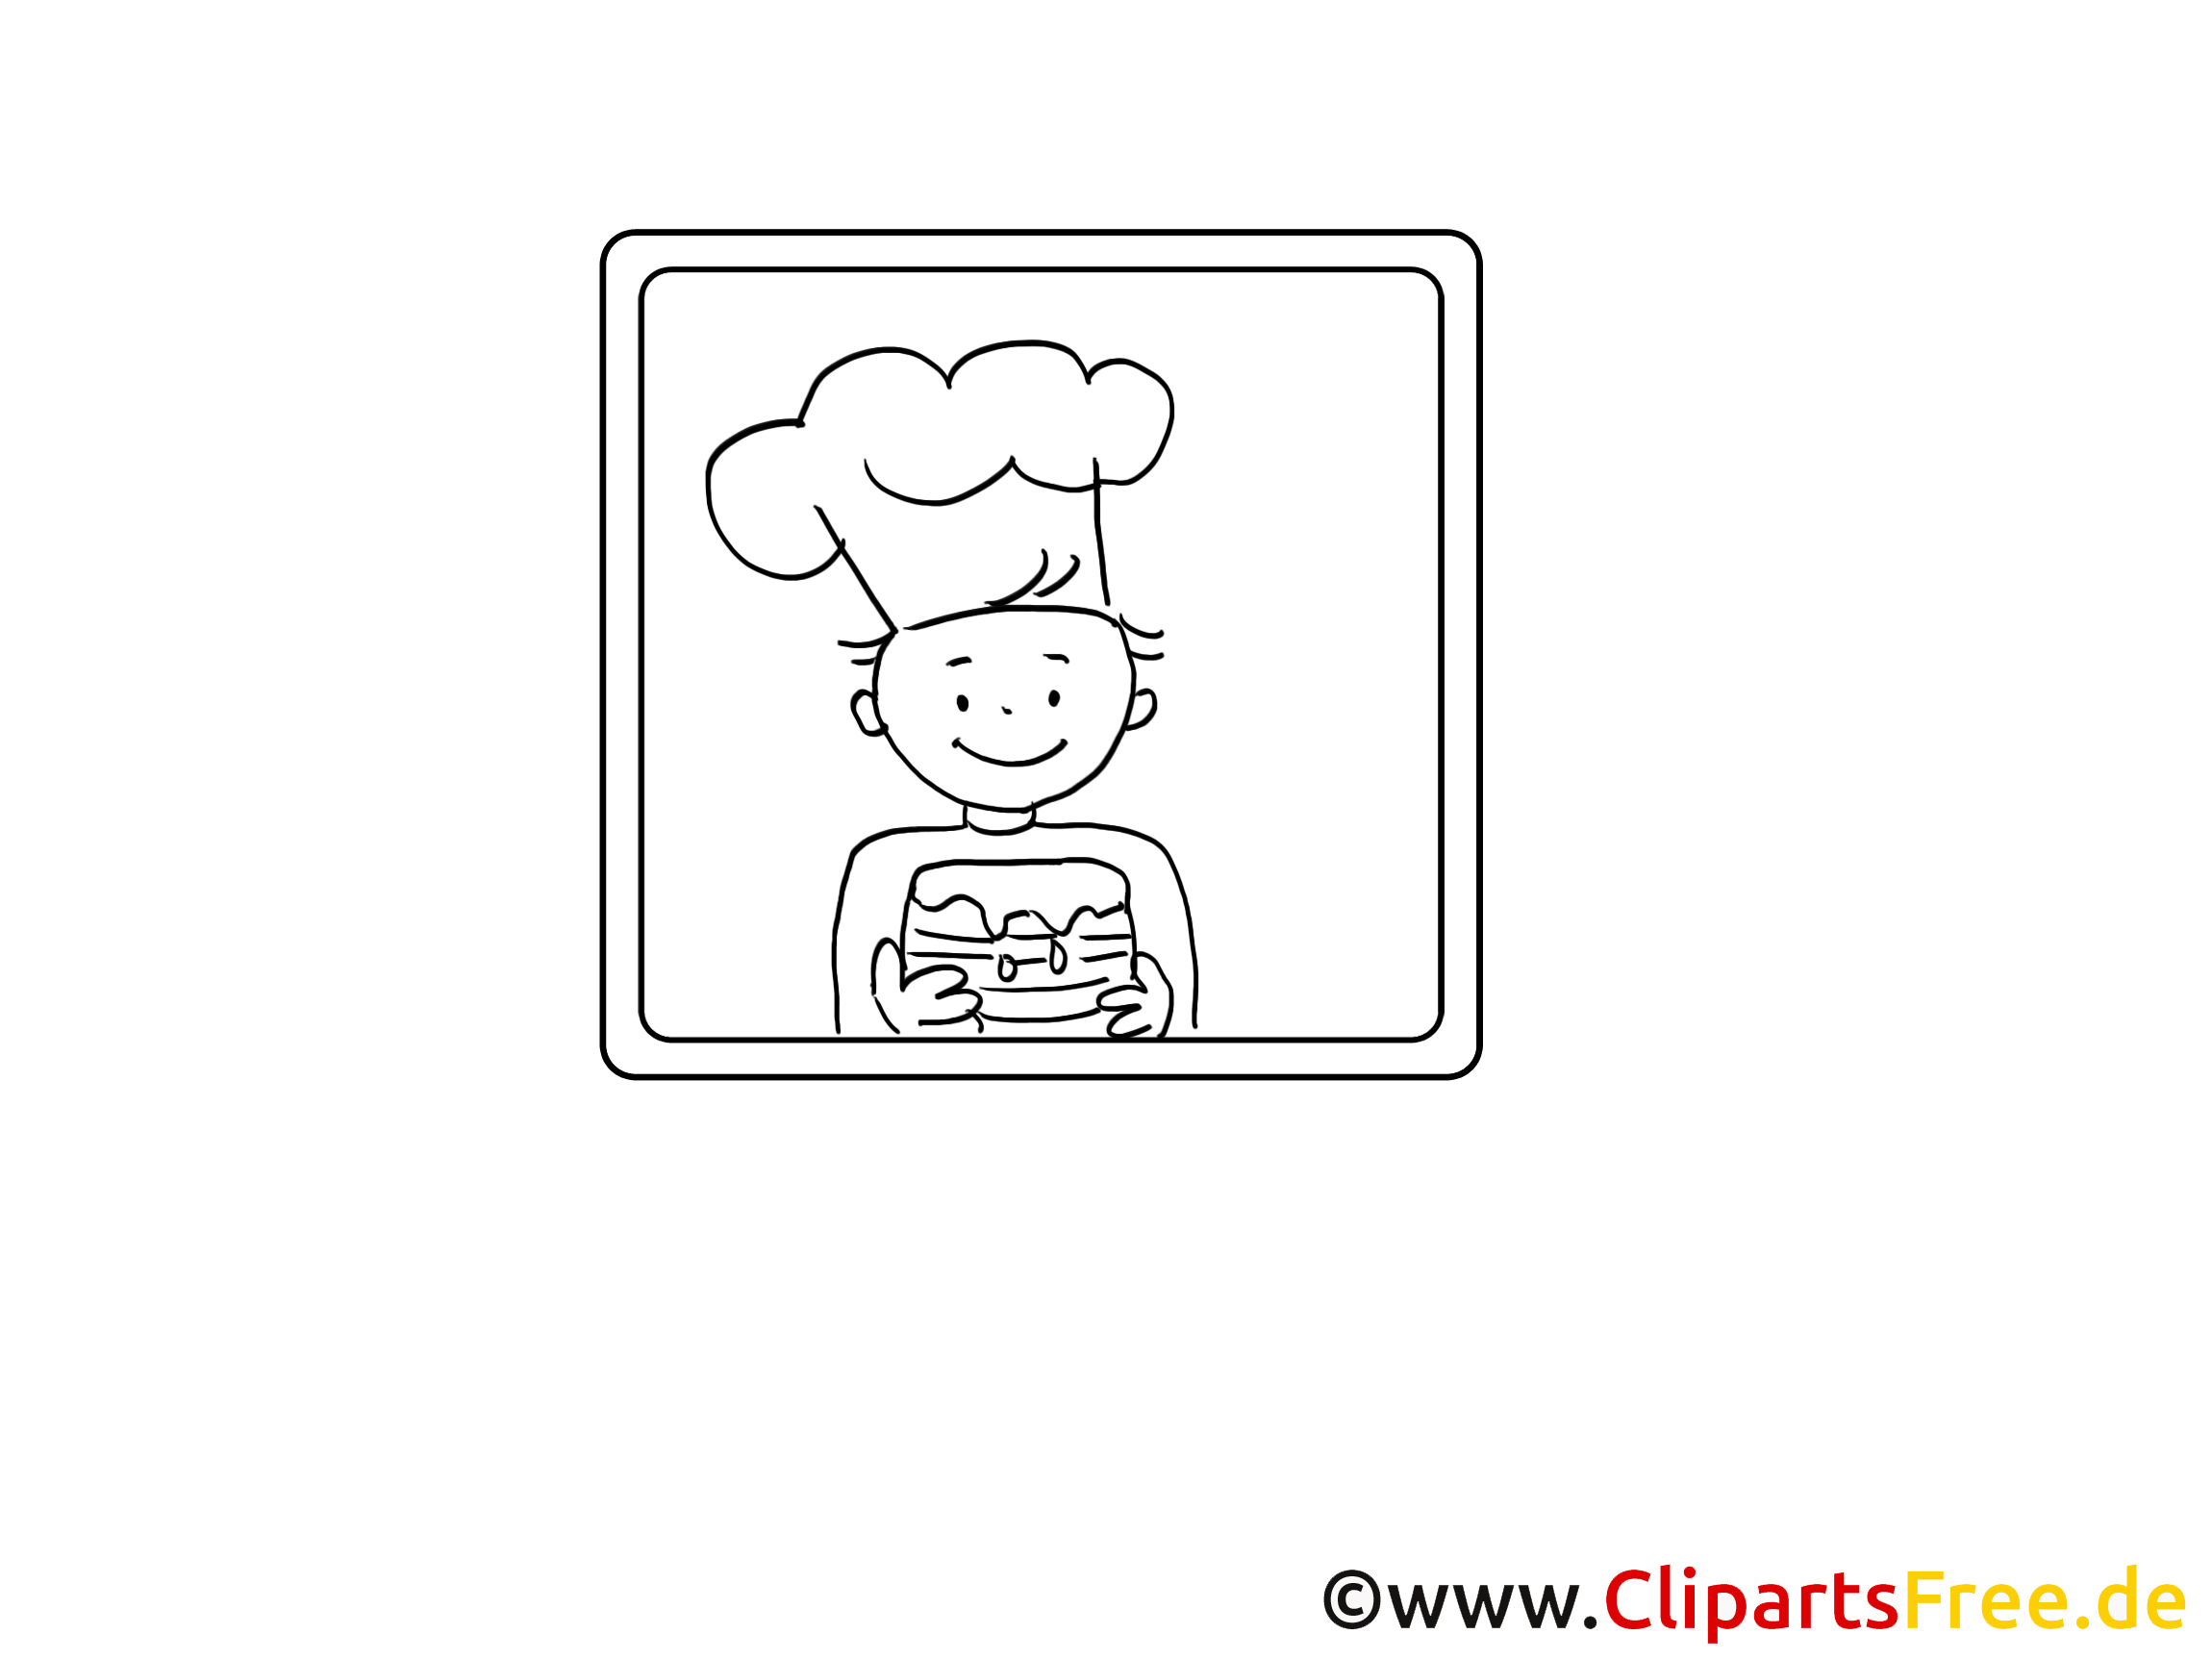 Kleiner Bäcker Malvorlage zum Drucken und Ausmalen